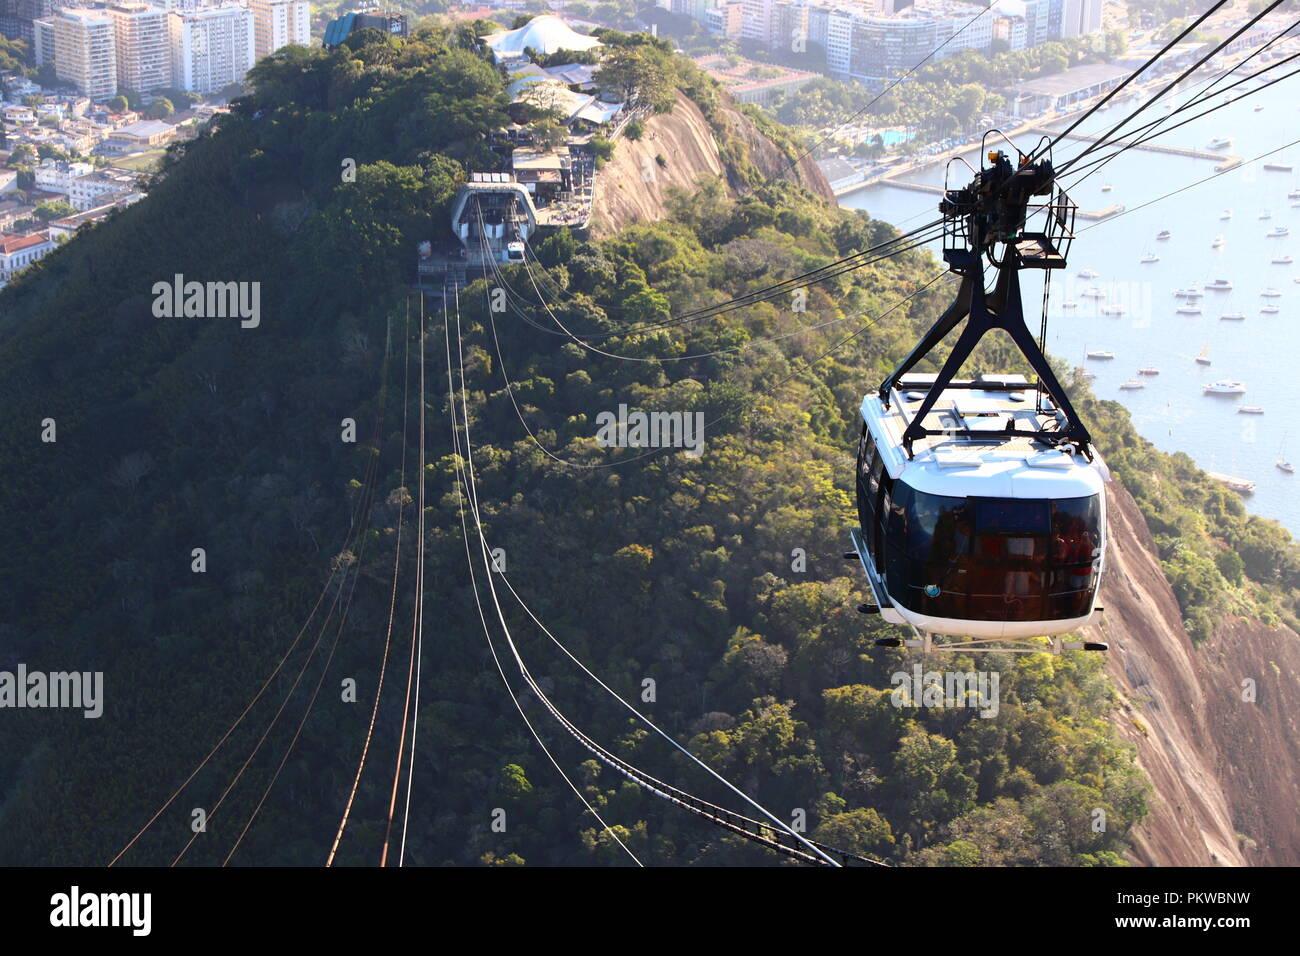 Bondinho from Pao de Azucar Rio de Janeiro - Stock Image